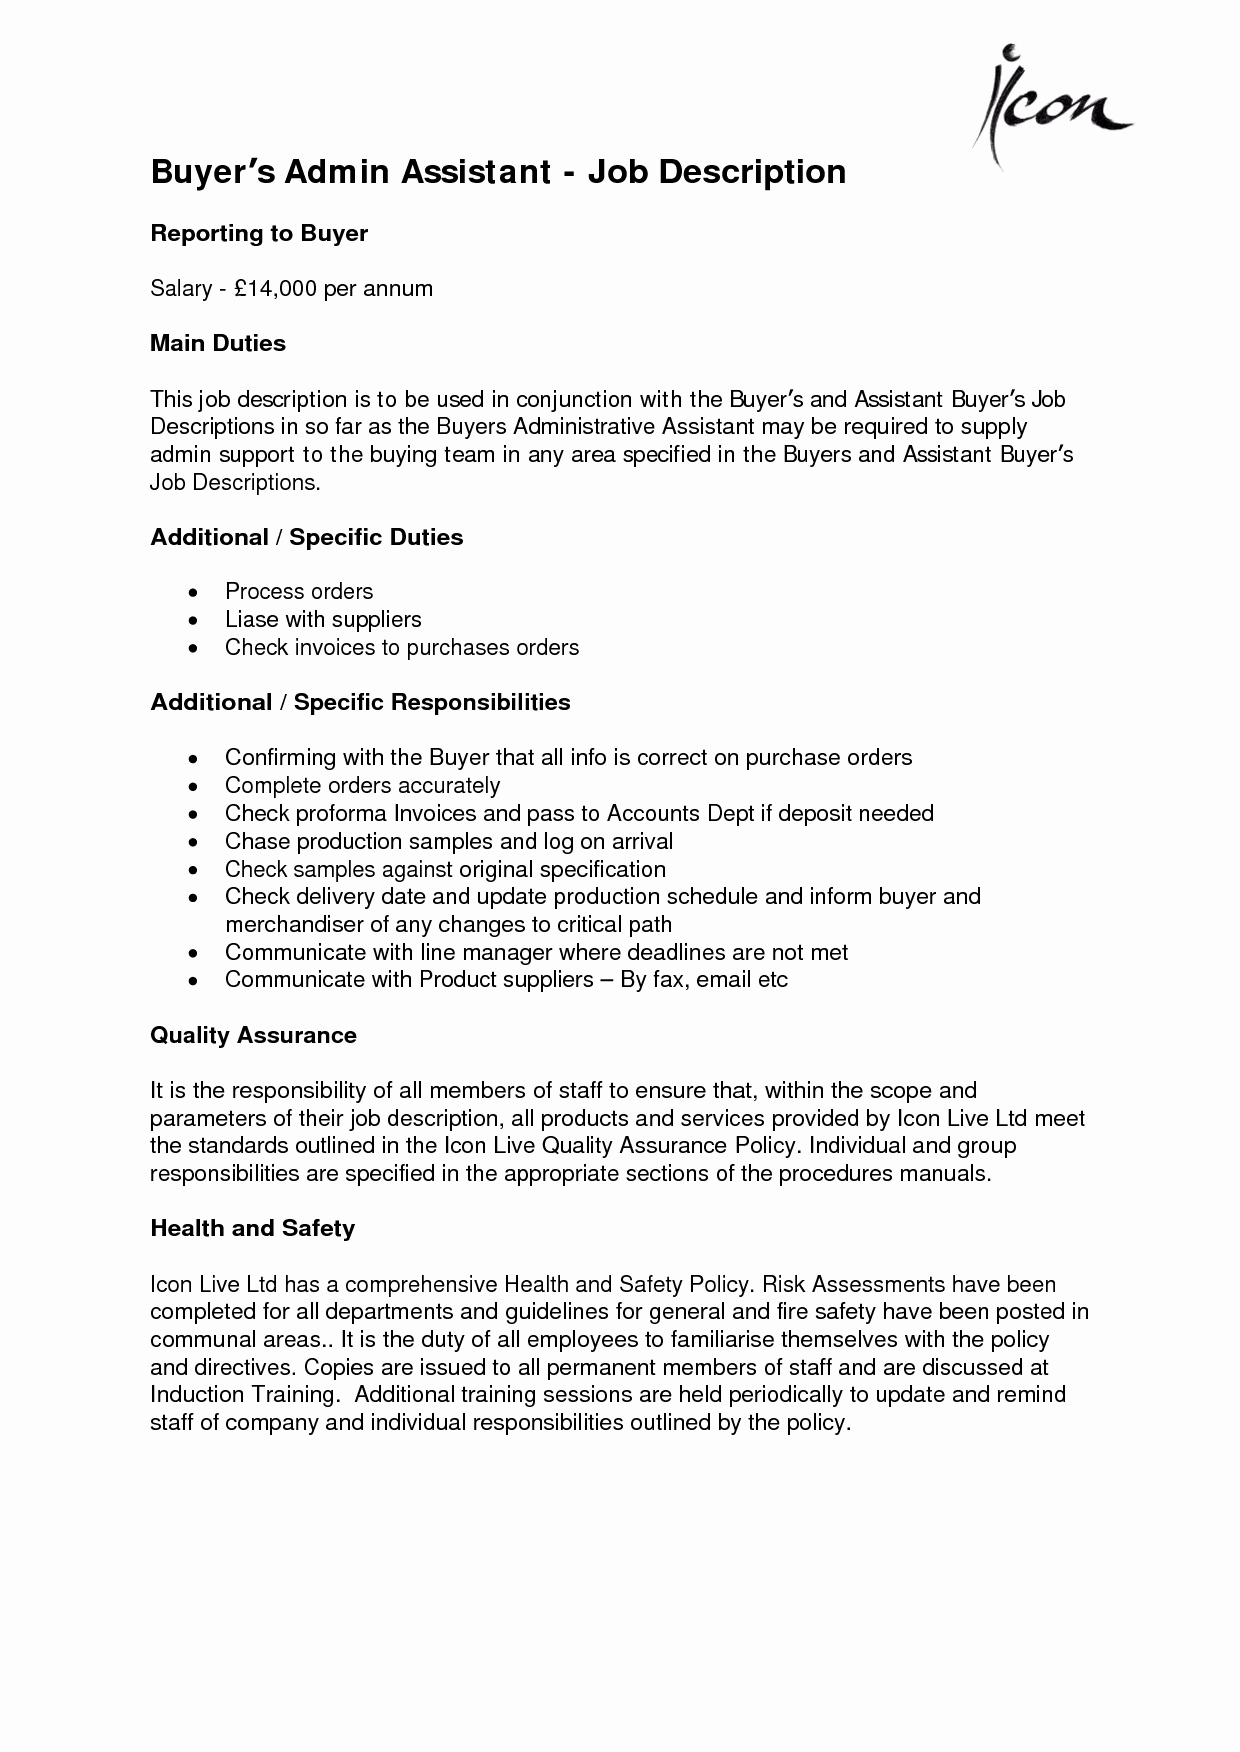 Administrative assistant Job Description Fice Sample